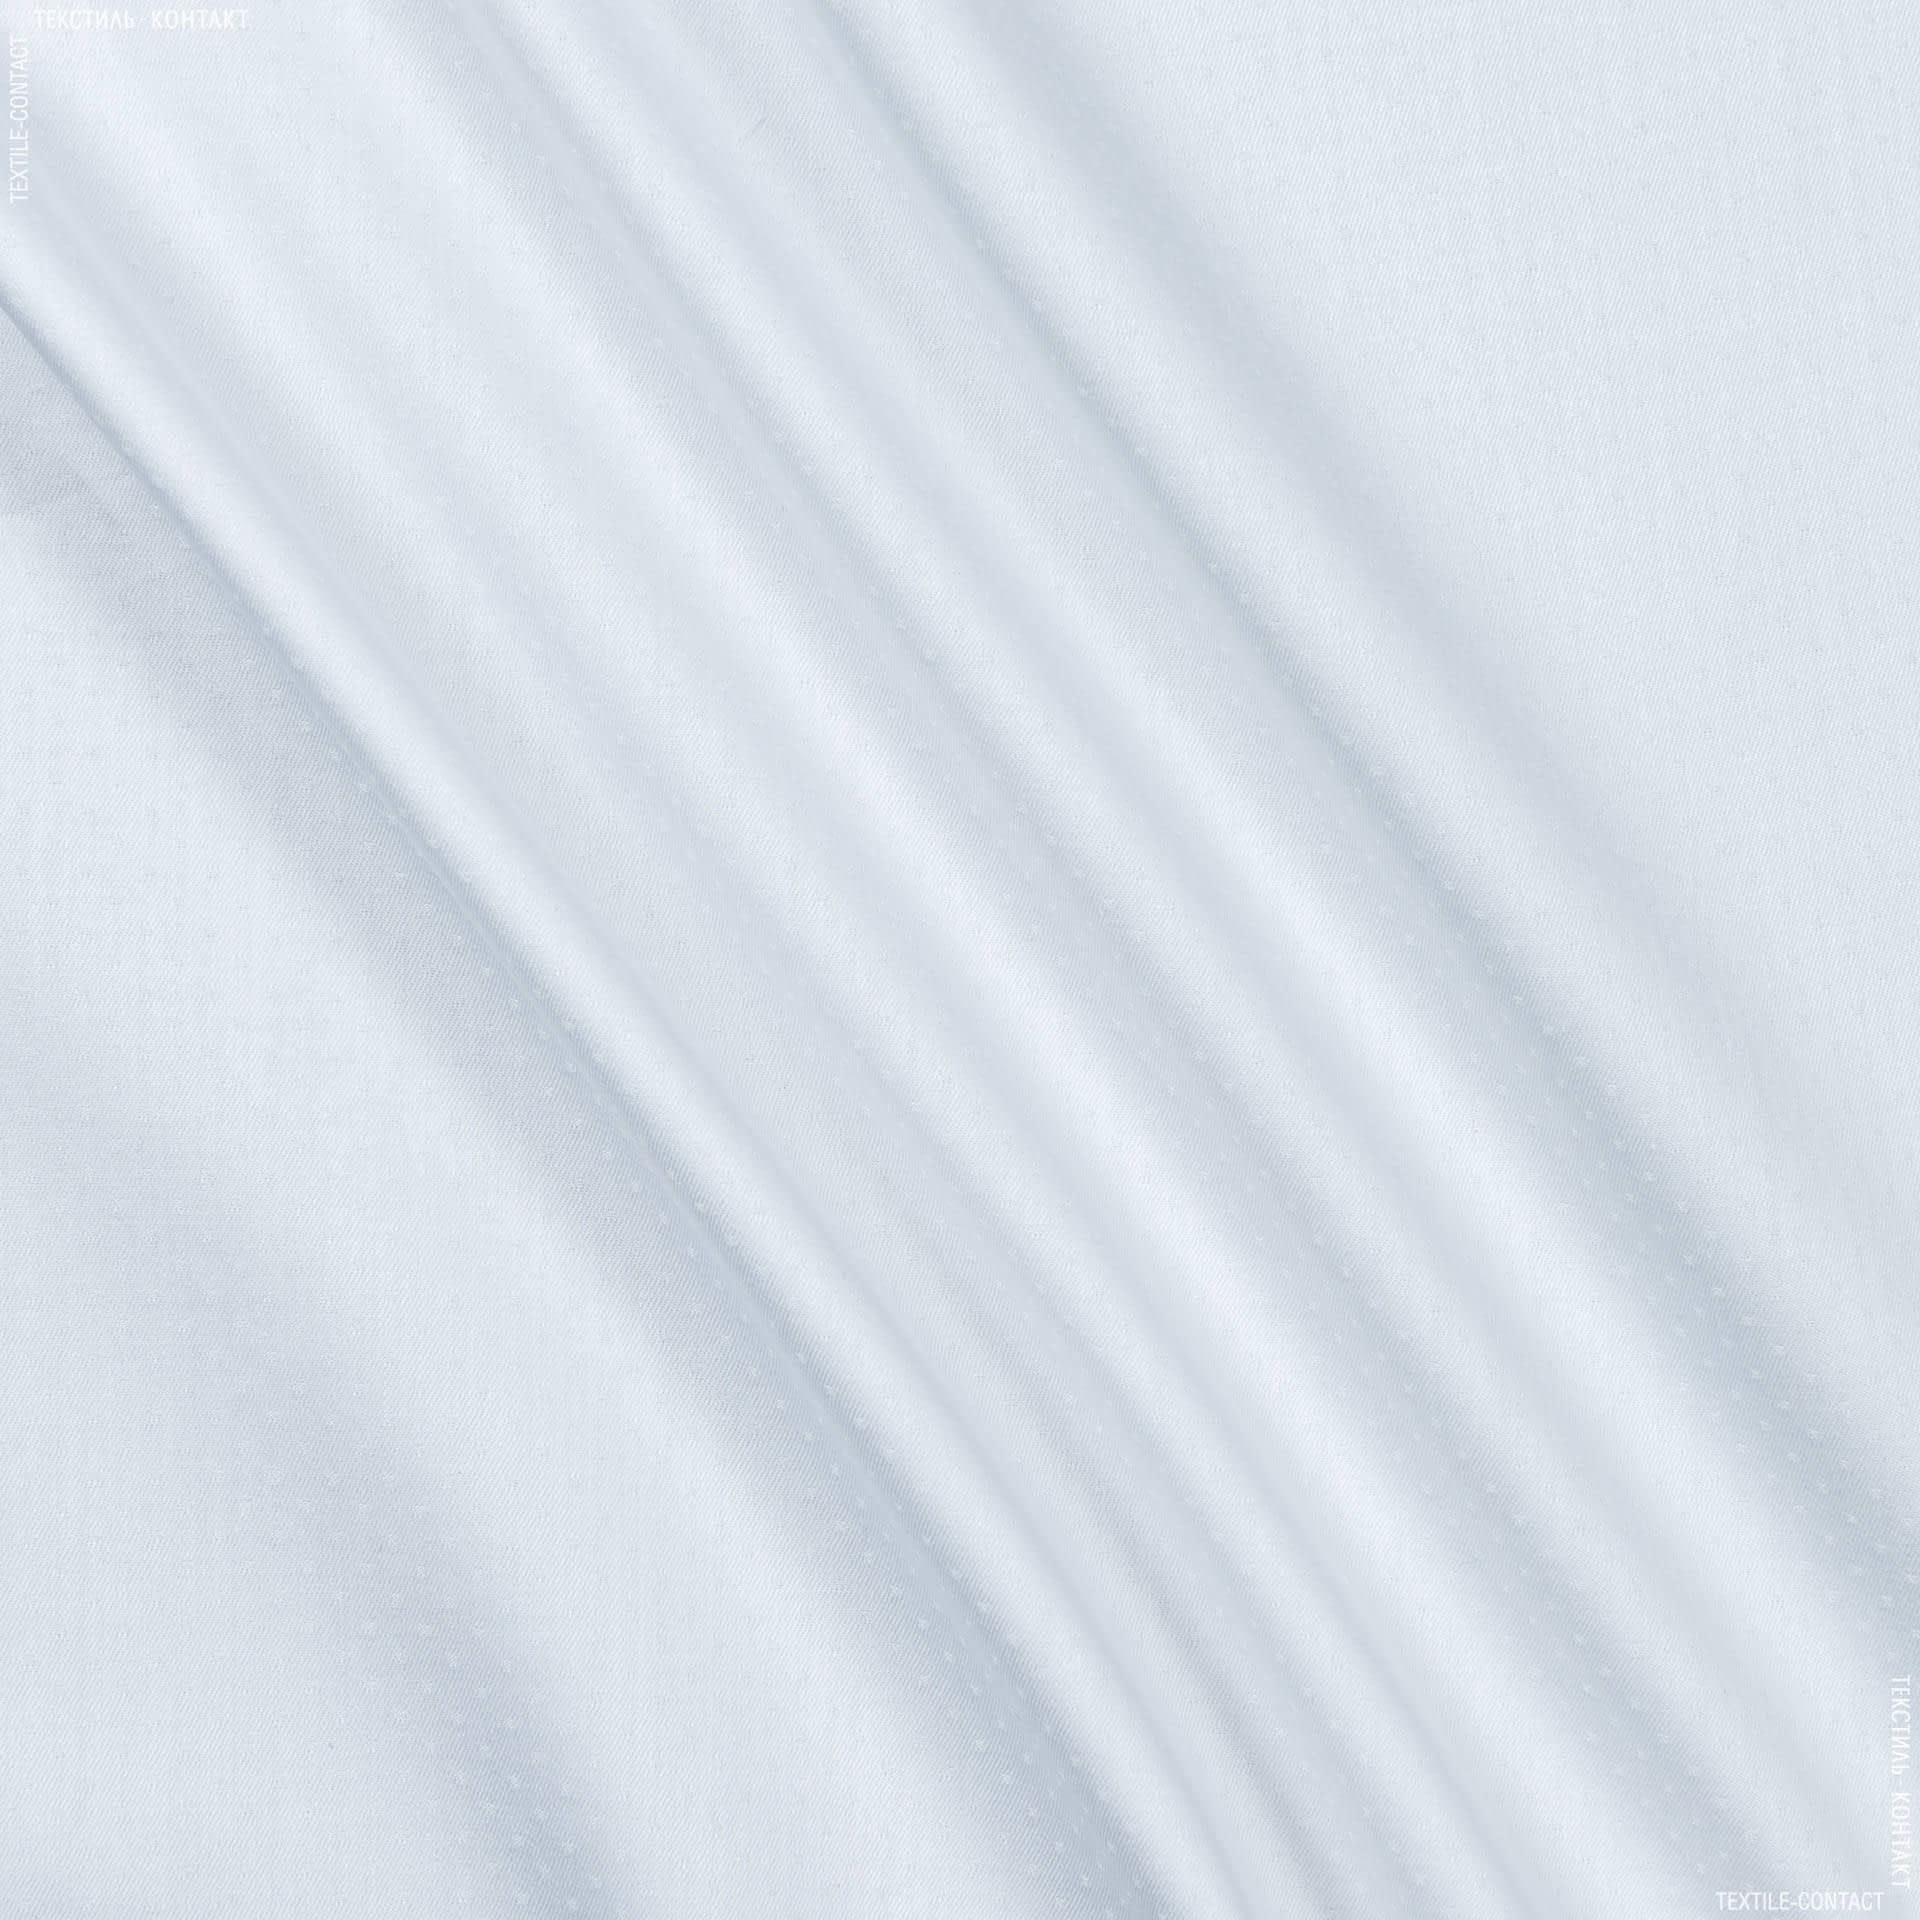 Ткани для платков и бандан - Сорочечная monti точка белый